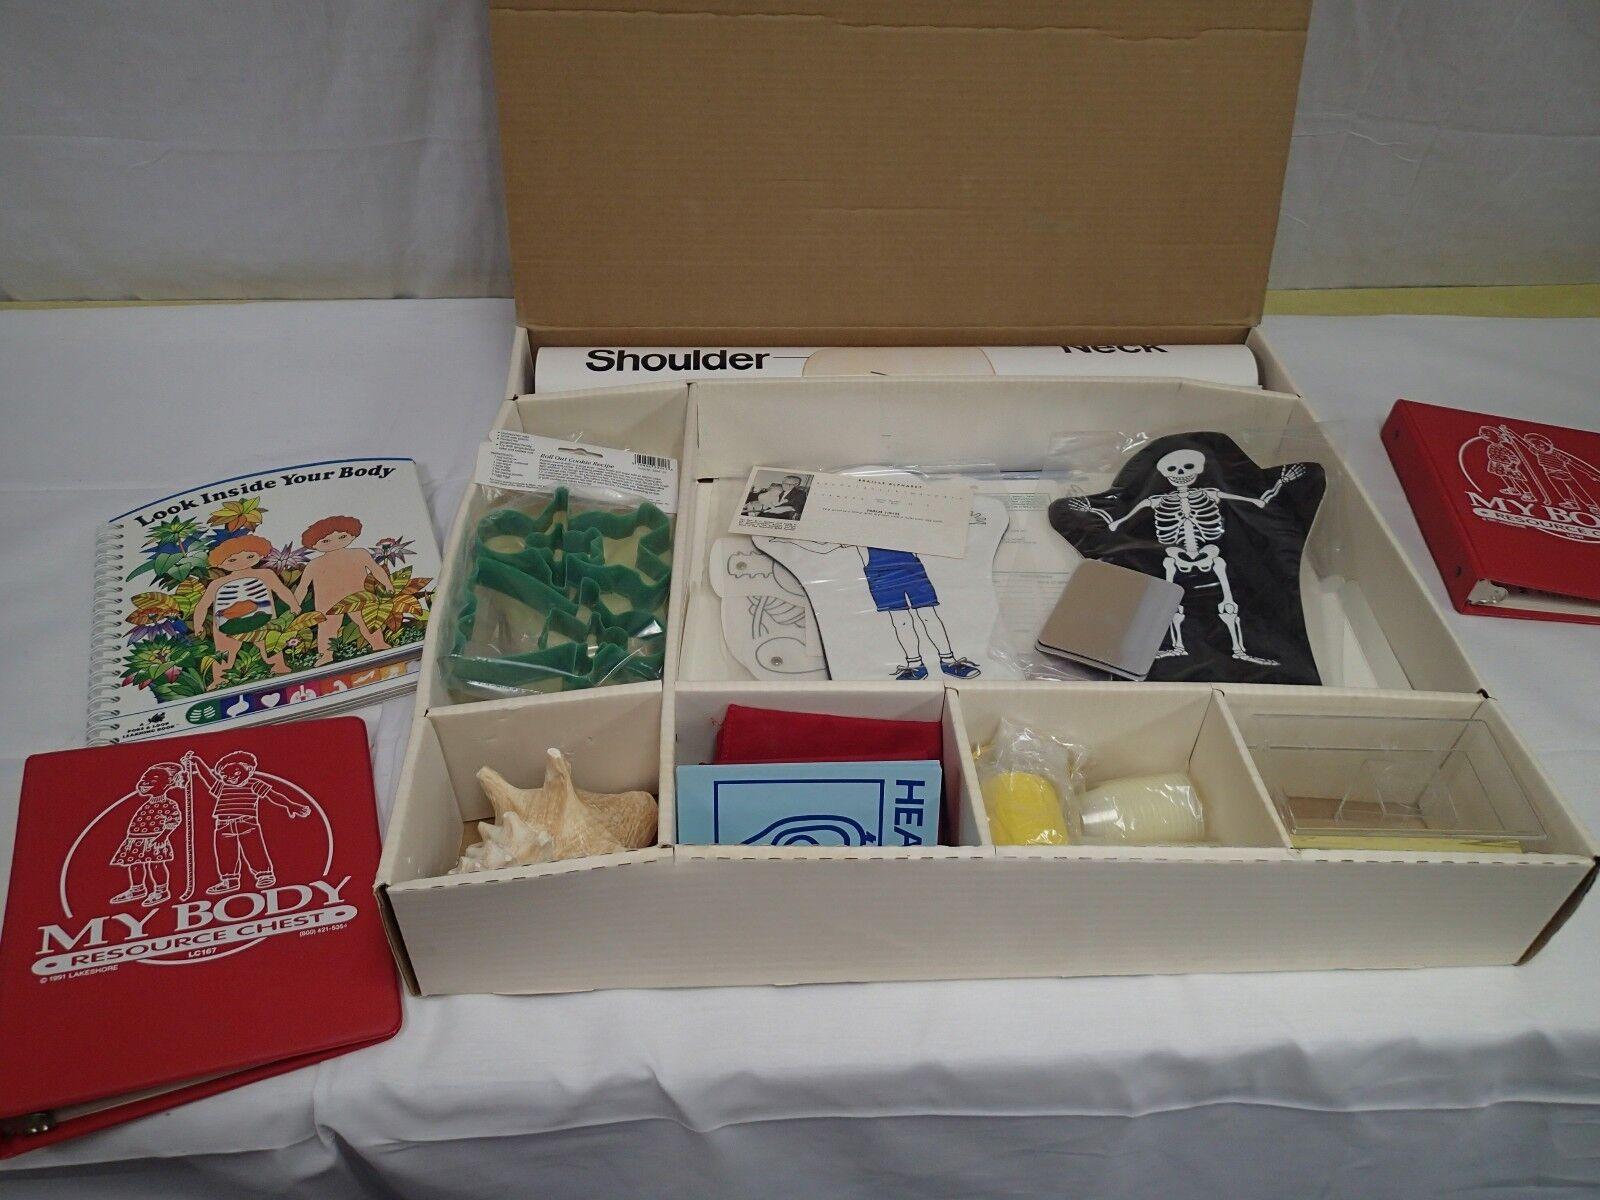 la mejor selección de Lakeshore Todo sobre mi cuerpo eduCoche en casa Kit de de de aprendizaje educativo enormes libros tarjetas  comprar marca